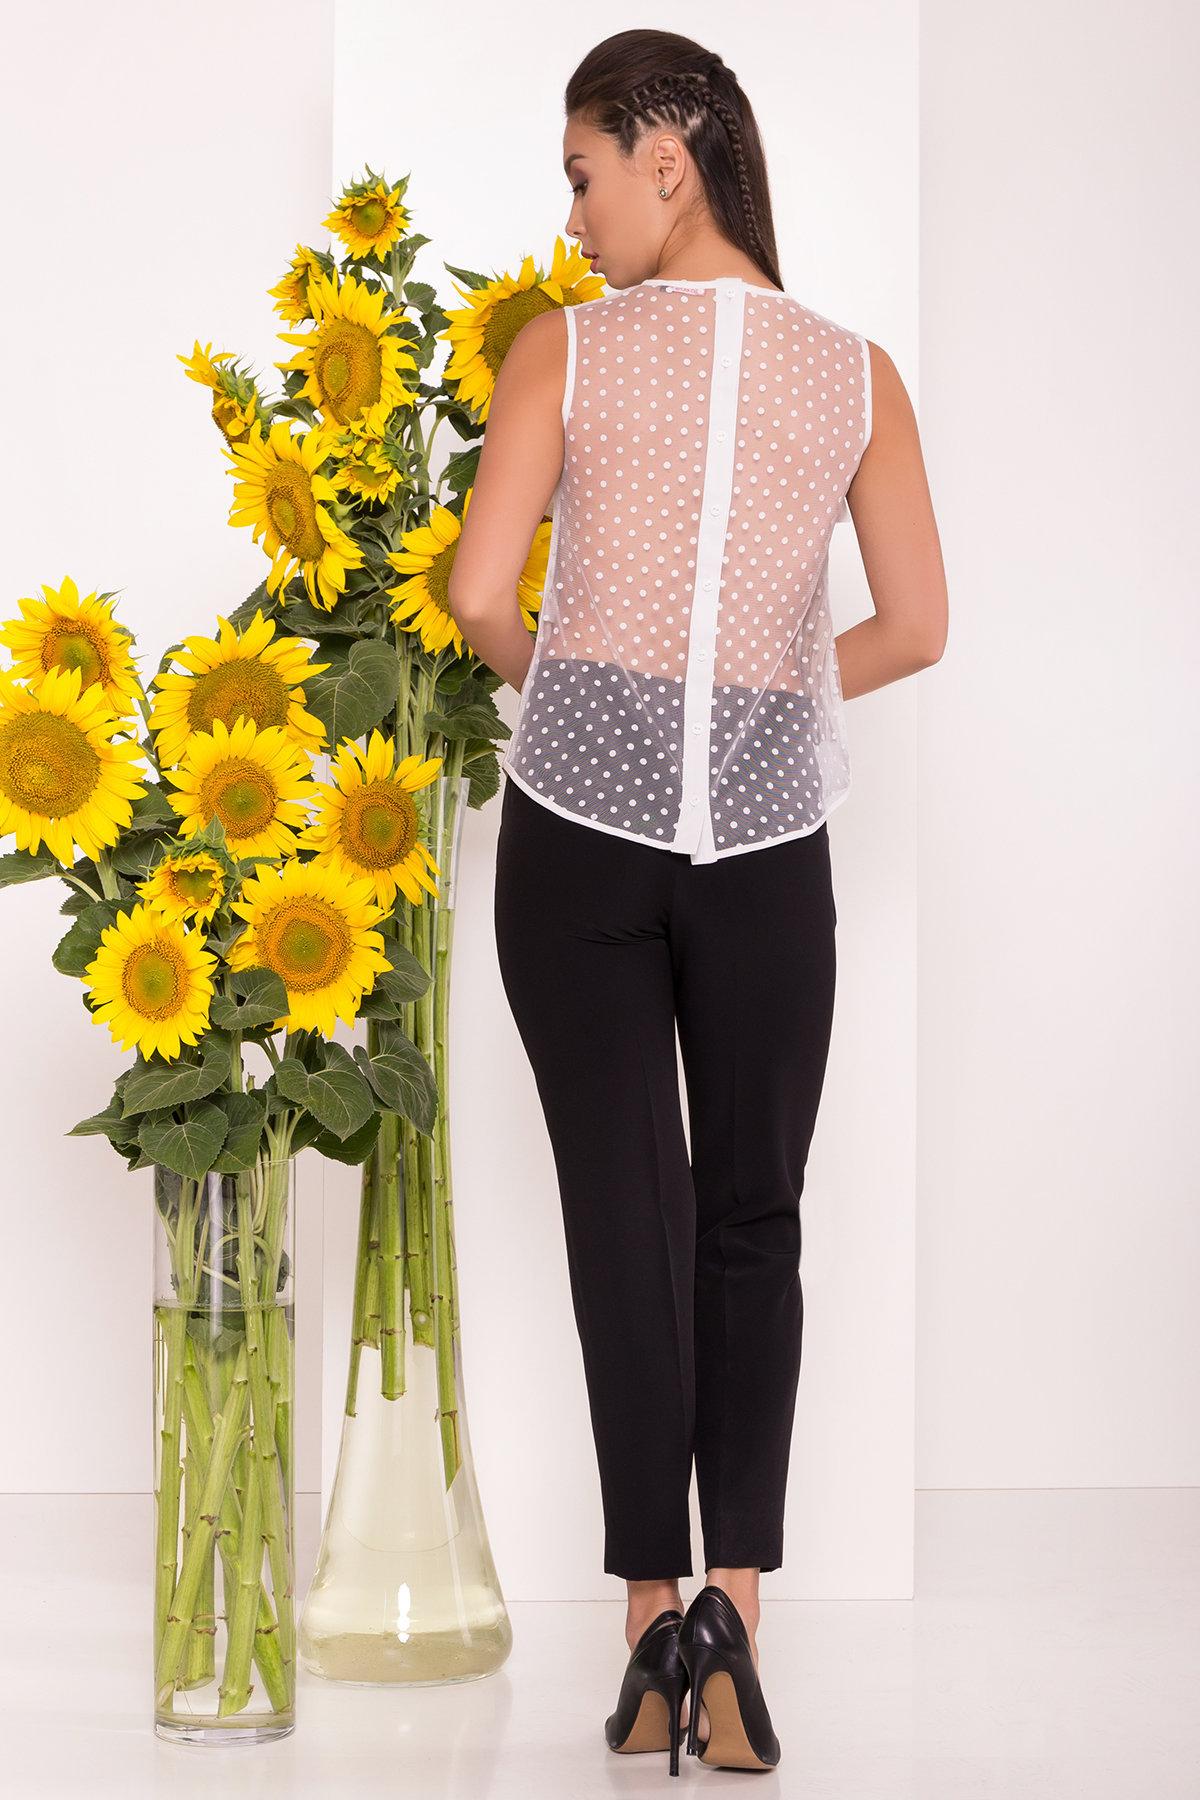 Блузка с оборками на груди Талина 7368 АРТ. 43573 Цвет: Белый - фото 2, интернет магазин tm-modus.ru